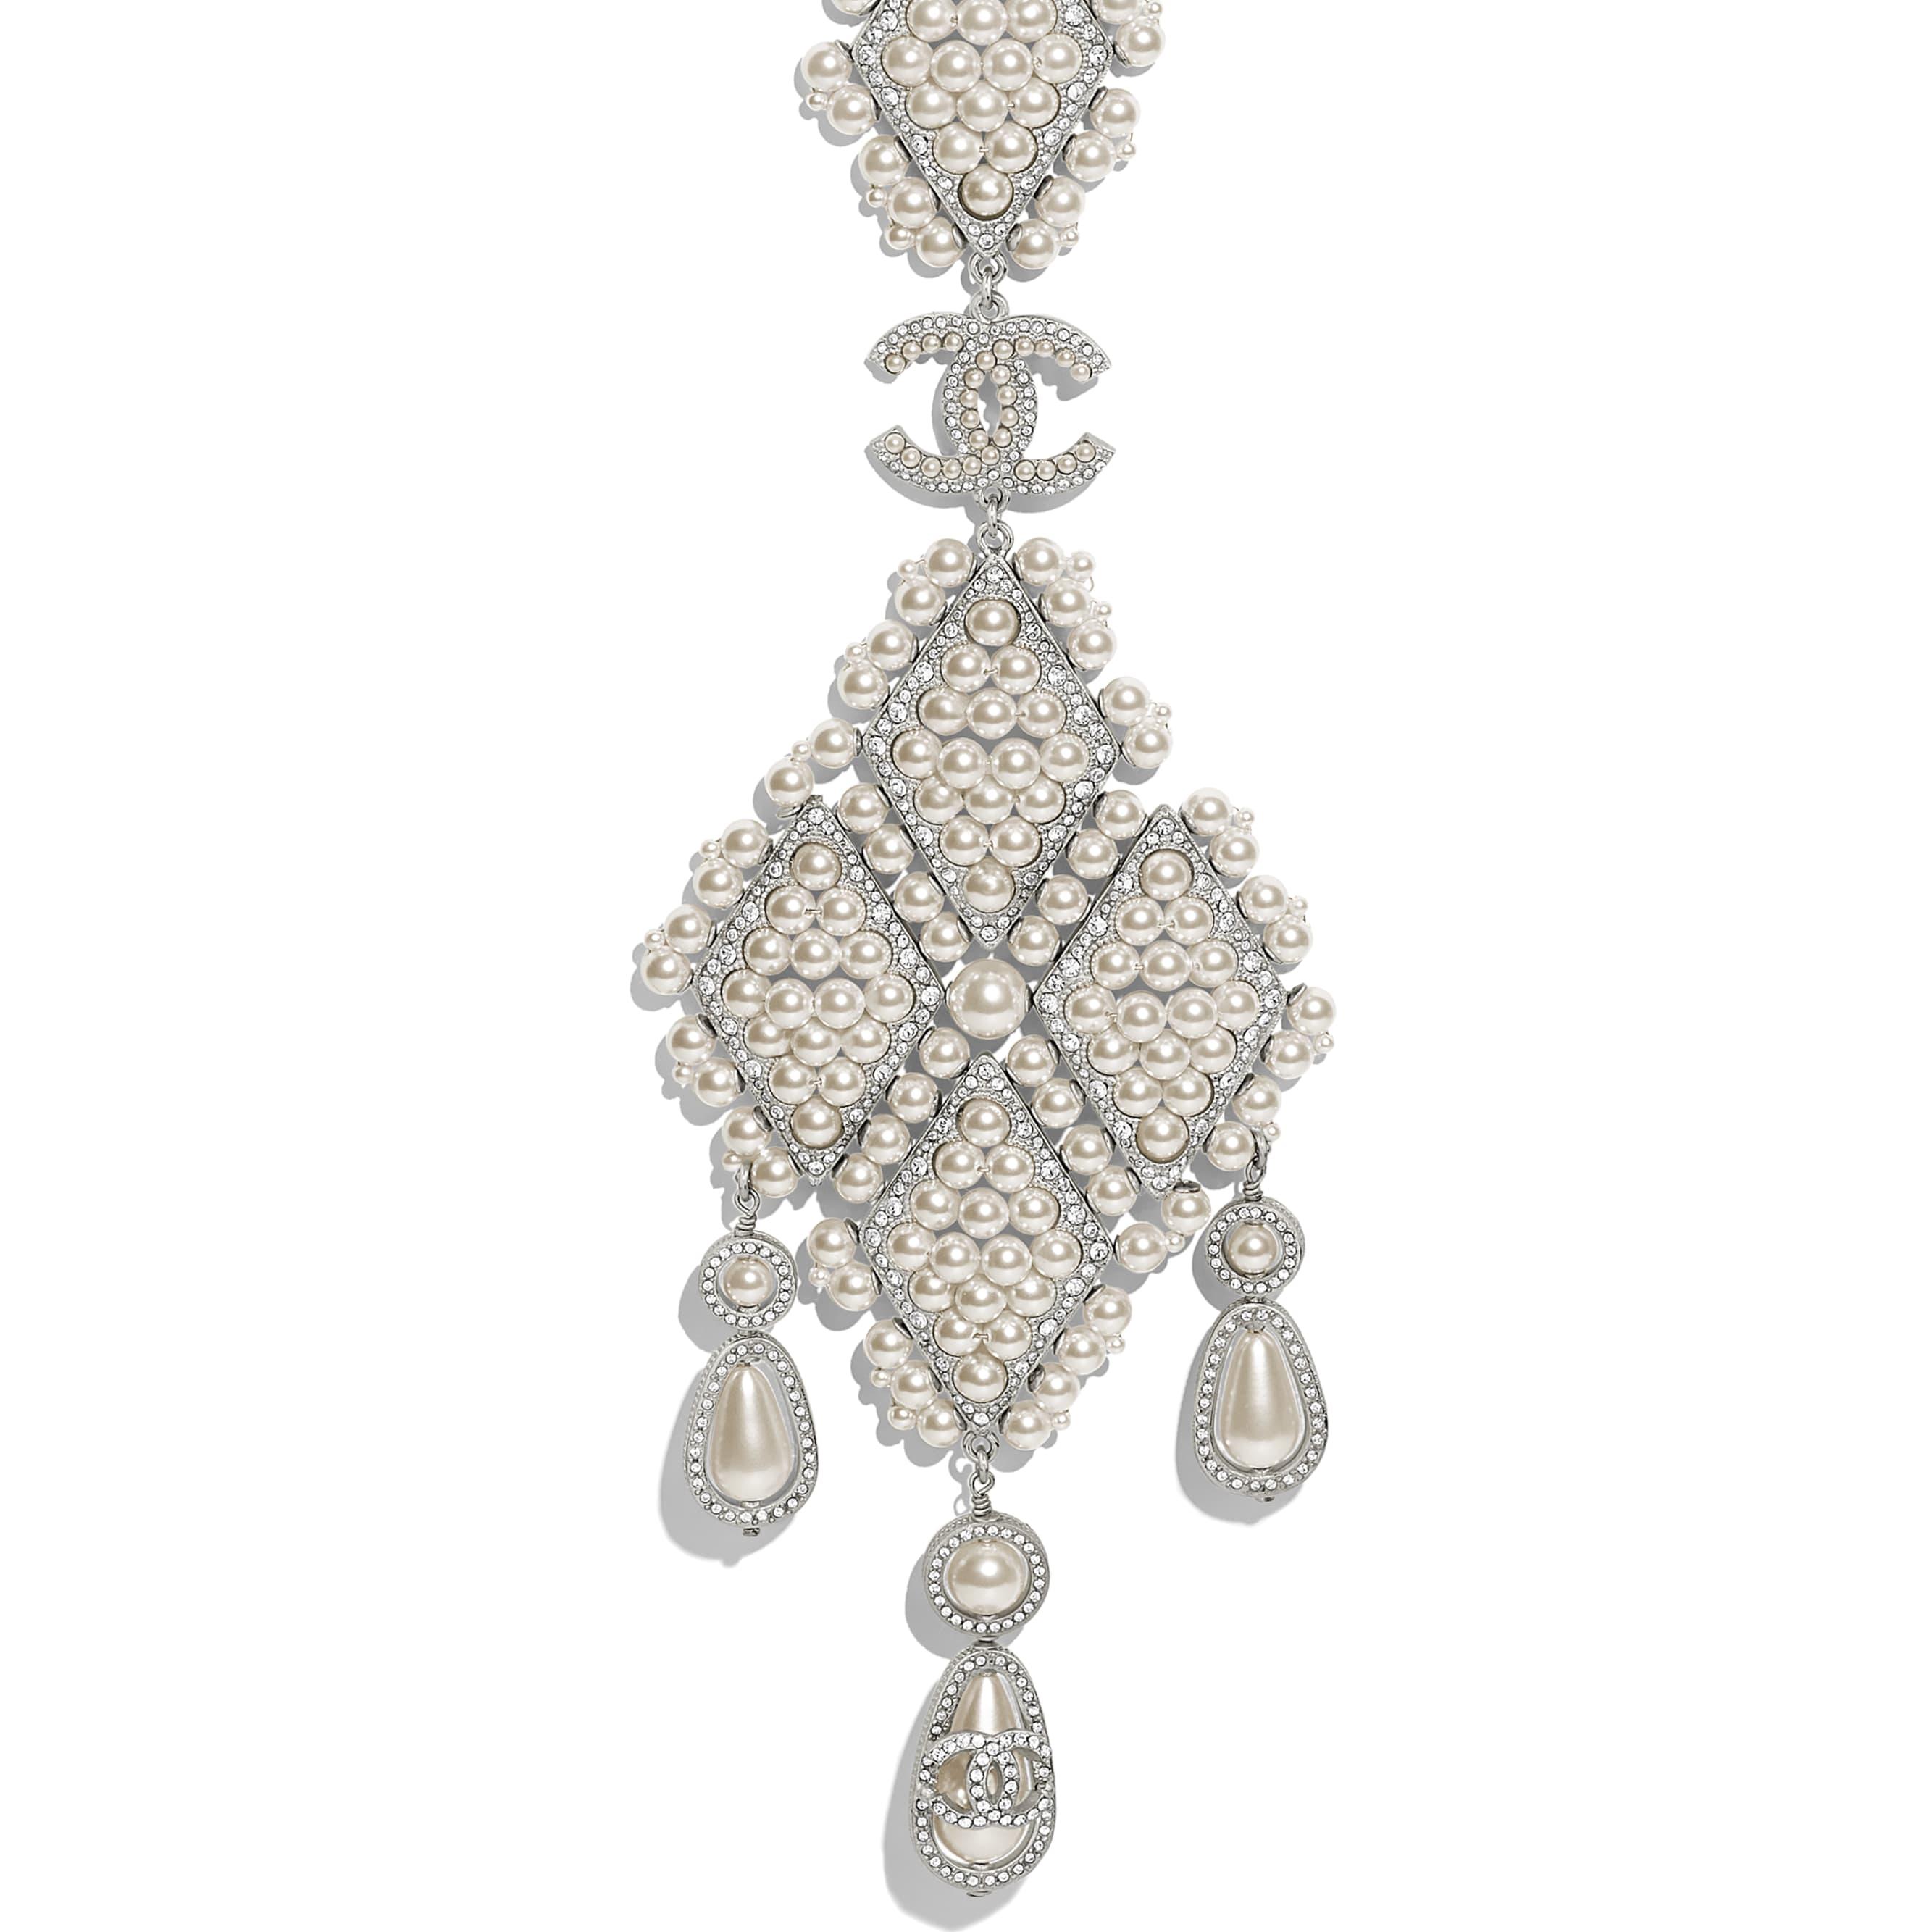 Halskette - Silberfarben, Perlmuttweiß & Kristall - Metall, Glasperlen & Strass - Weitere Ansicht - Standardgröße anzeigen